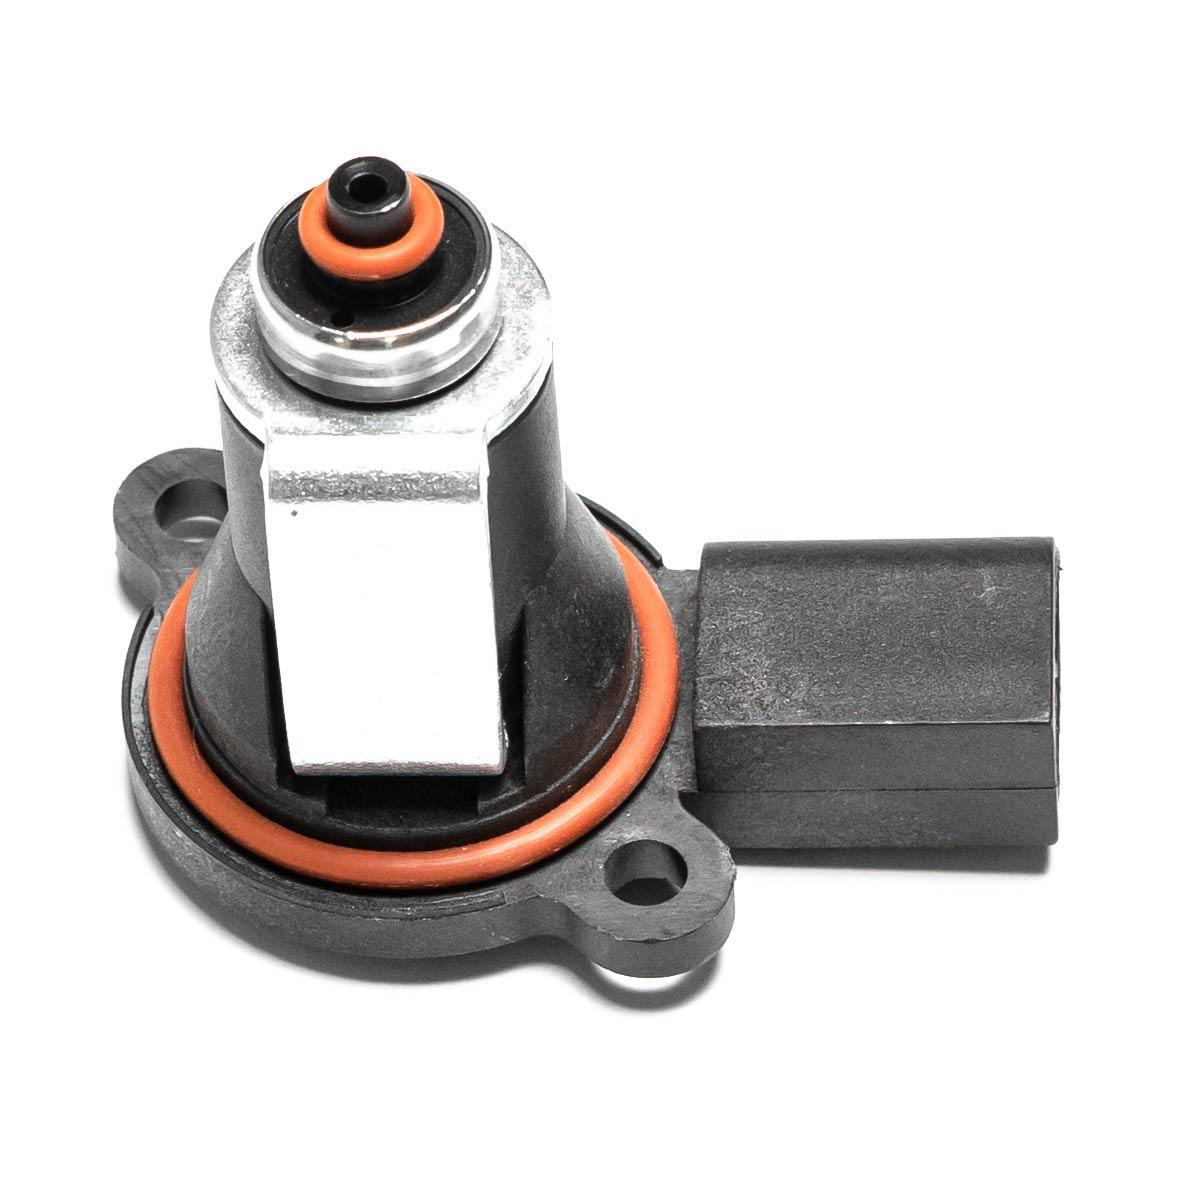 Клапан сброса воздуха компрессора пневмоподвески AMK для Mercedes и Land Rover